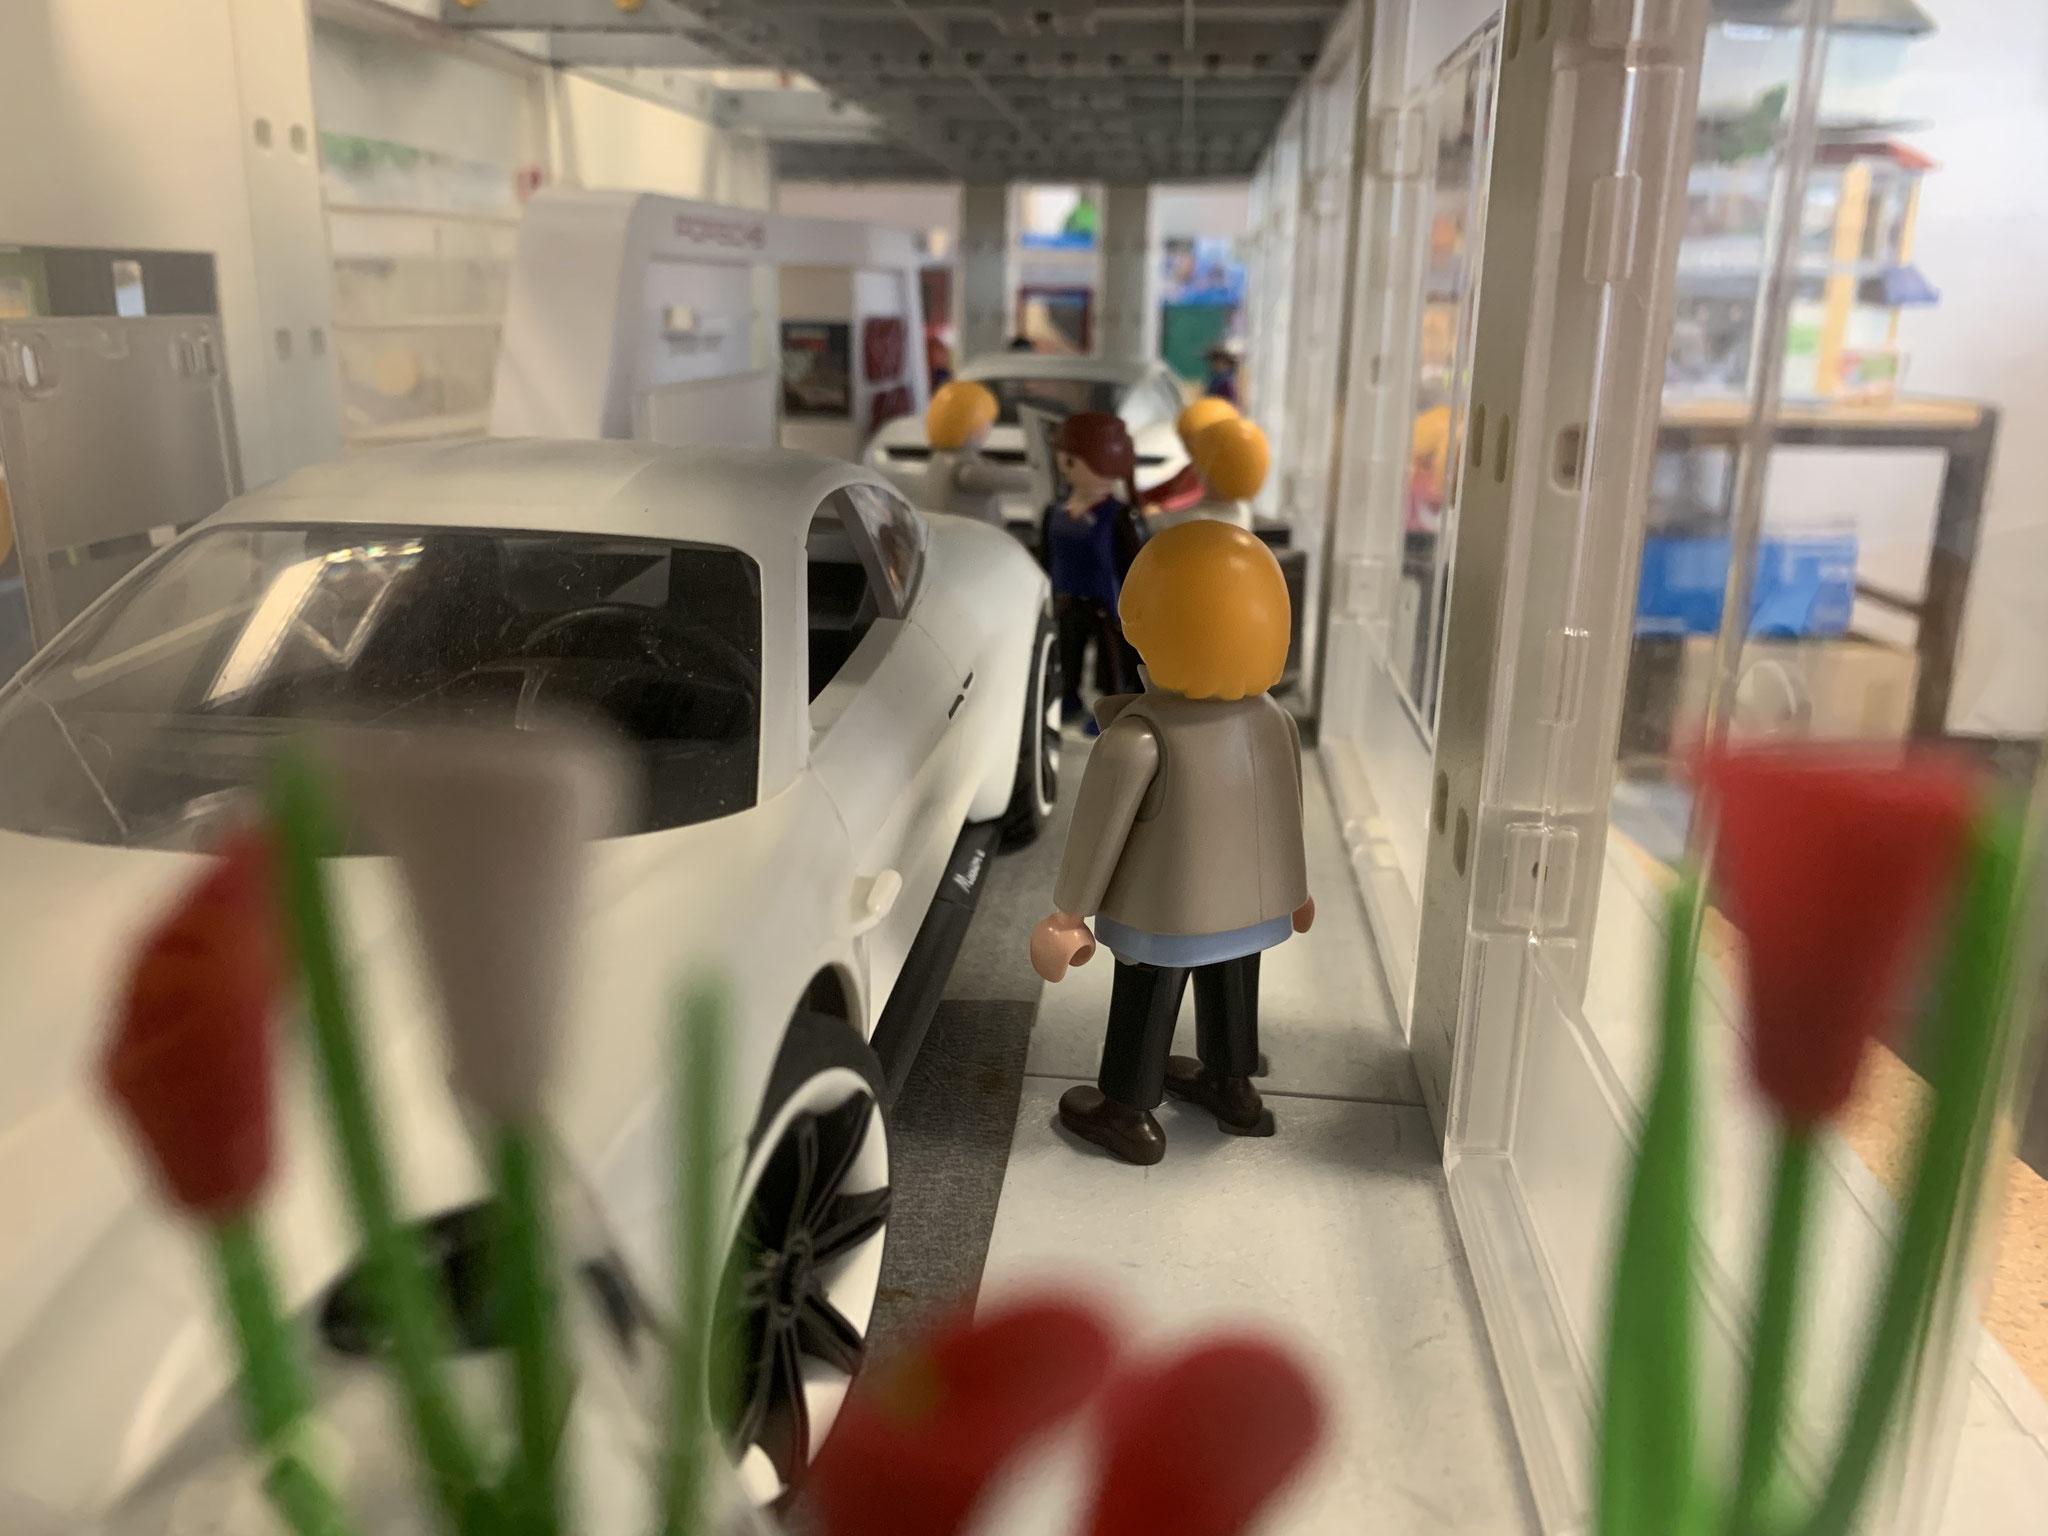 Einblicke in unser Porsche-Zentrum: Verbrennungsmotor war gestern - Heute fährt man mit dem E-Auto